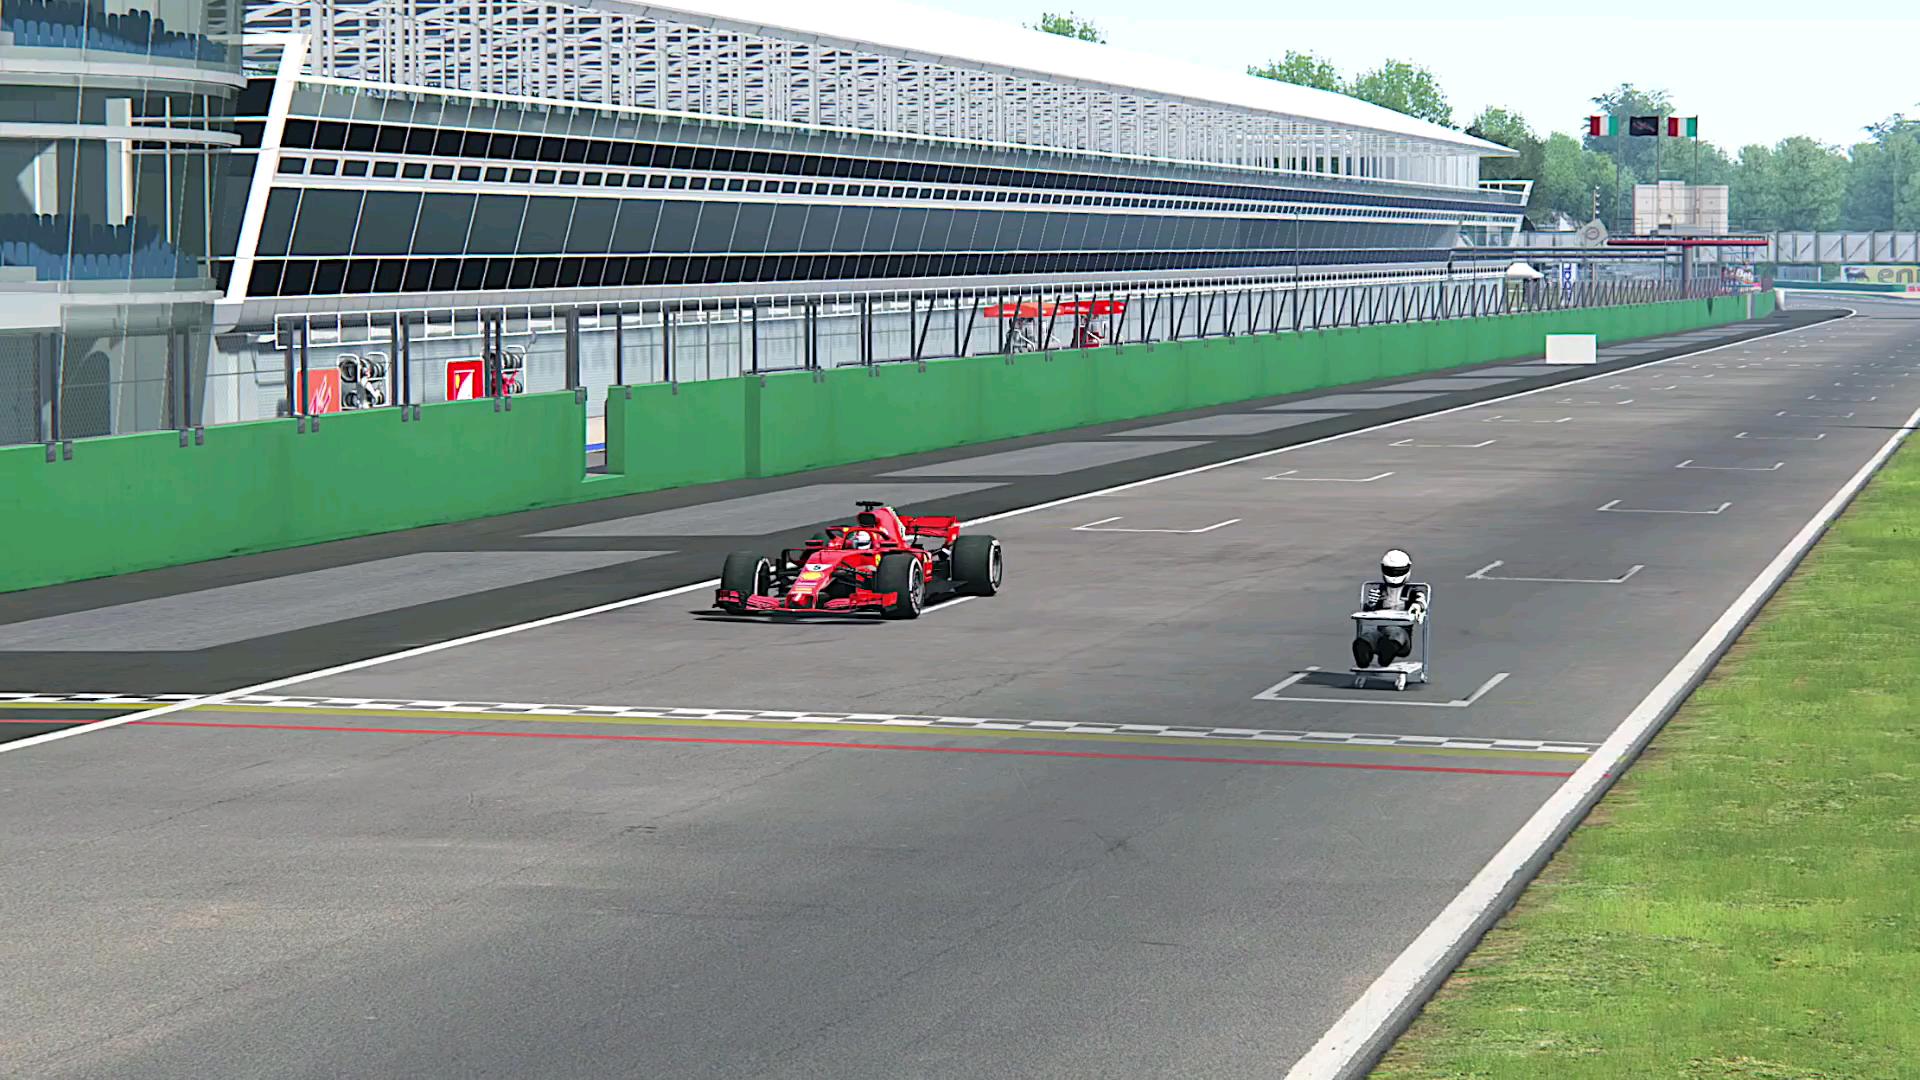 【FlashTV(R)】F1 vs 婴儿车???